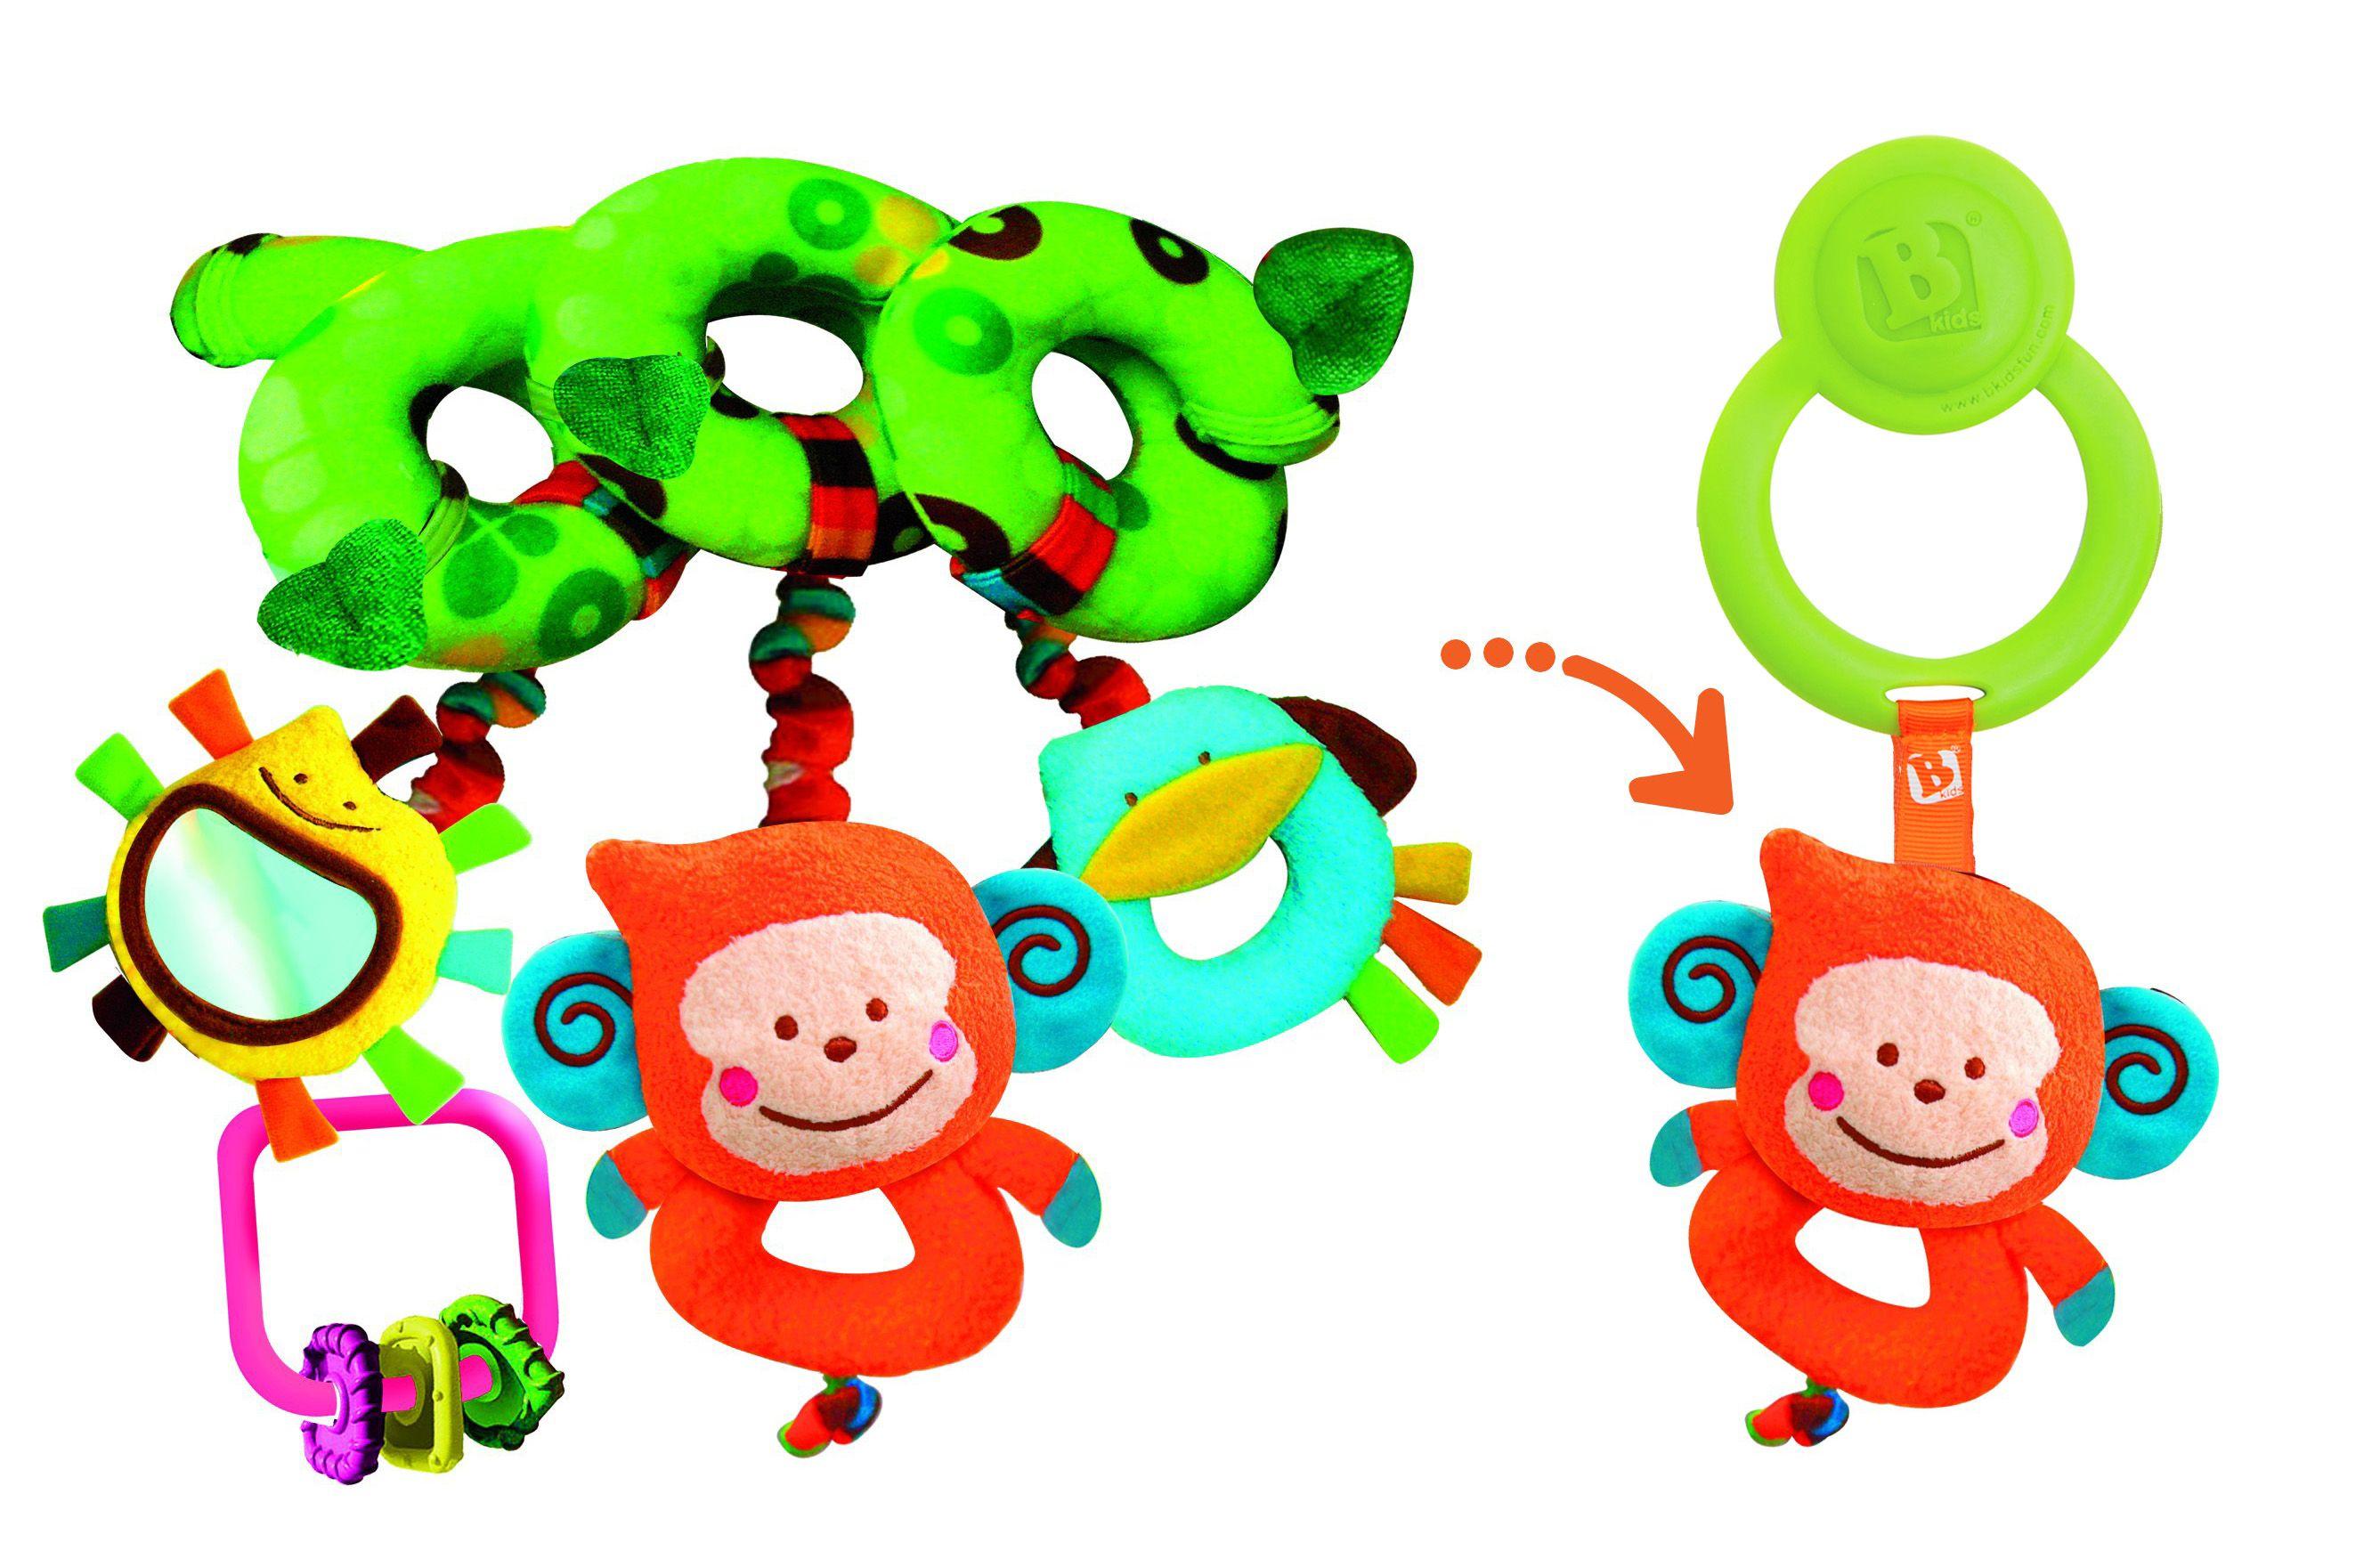 3 hochets à combiner ensemble pour 3 fois plus de plaisirs et de découverte ! et toujours le crochet pratique de bkids !   http://www.maginea.com/fr/fr/c4069/p201209240011/spirale+hochet+3+en+1/